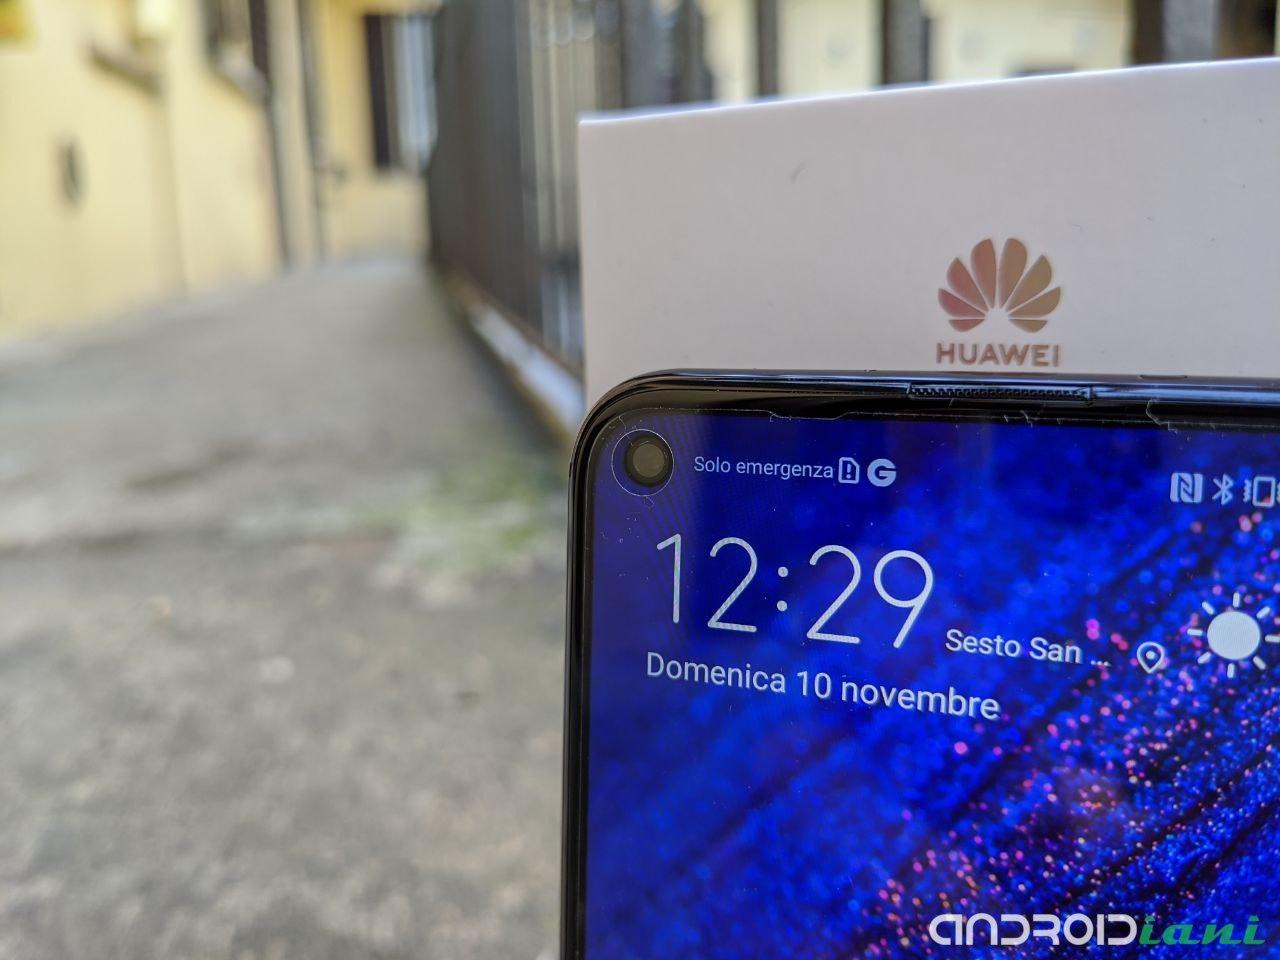 Huawei Nova 5T: النطاق المتوسط الذي يعتقد أنه الأفضل | مراجعة 5